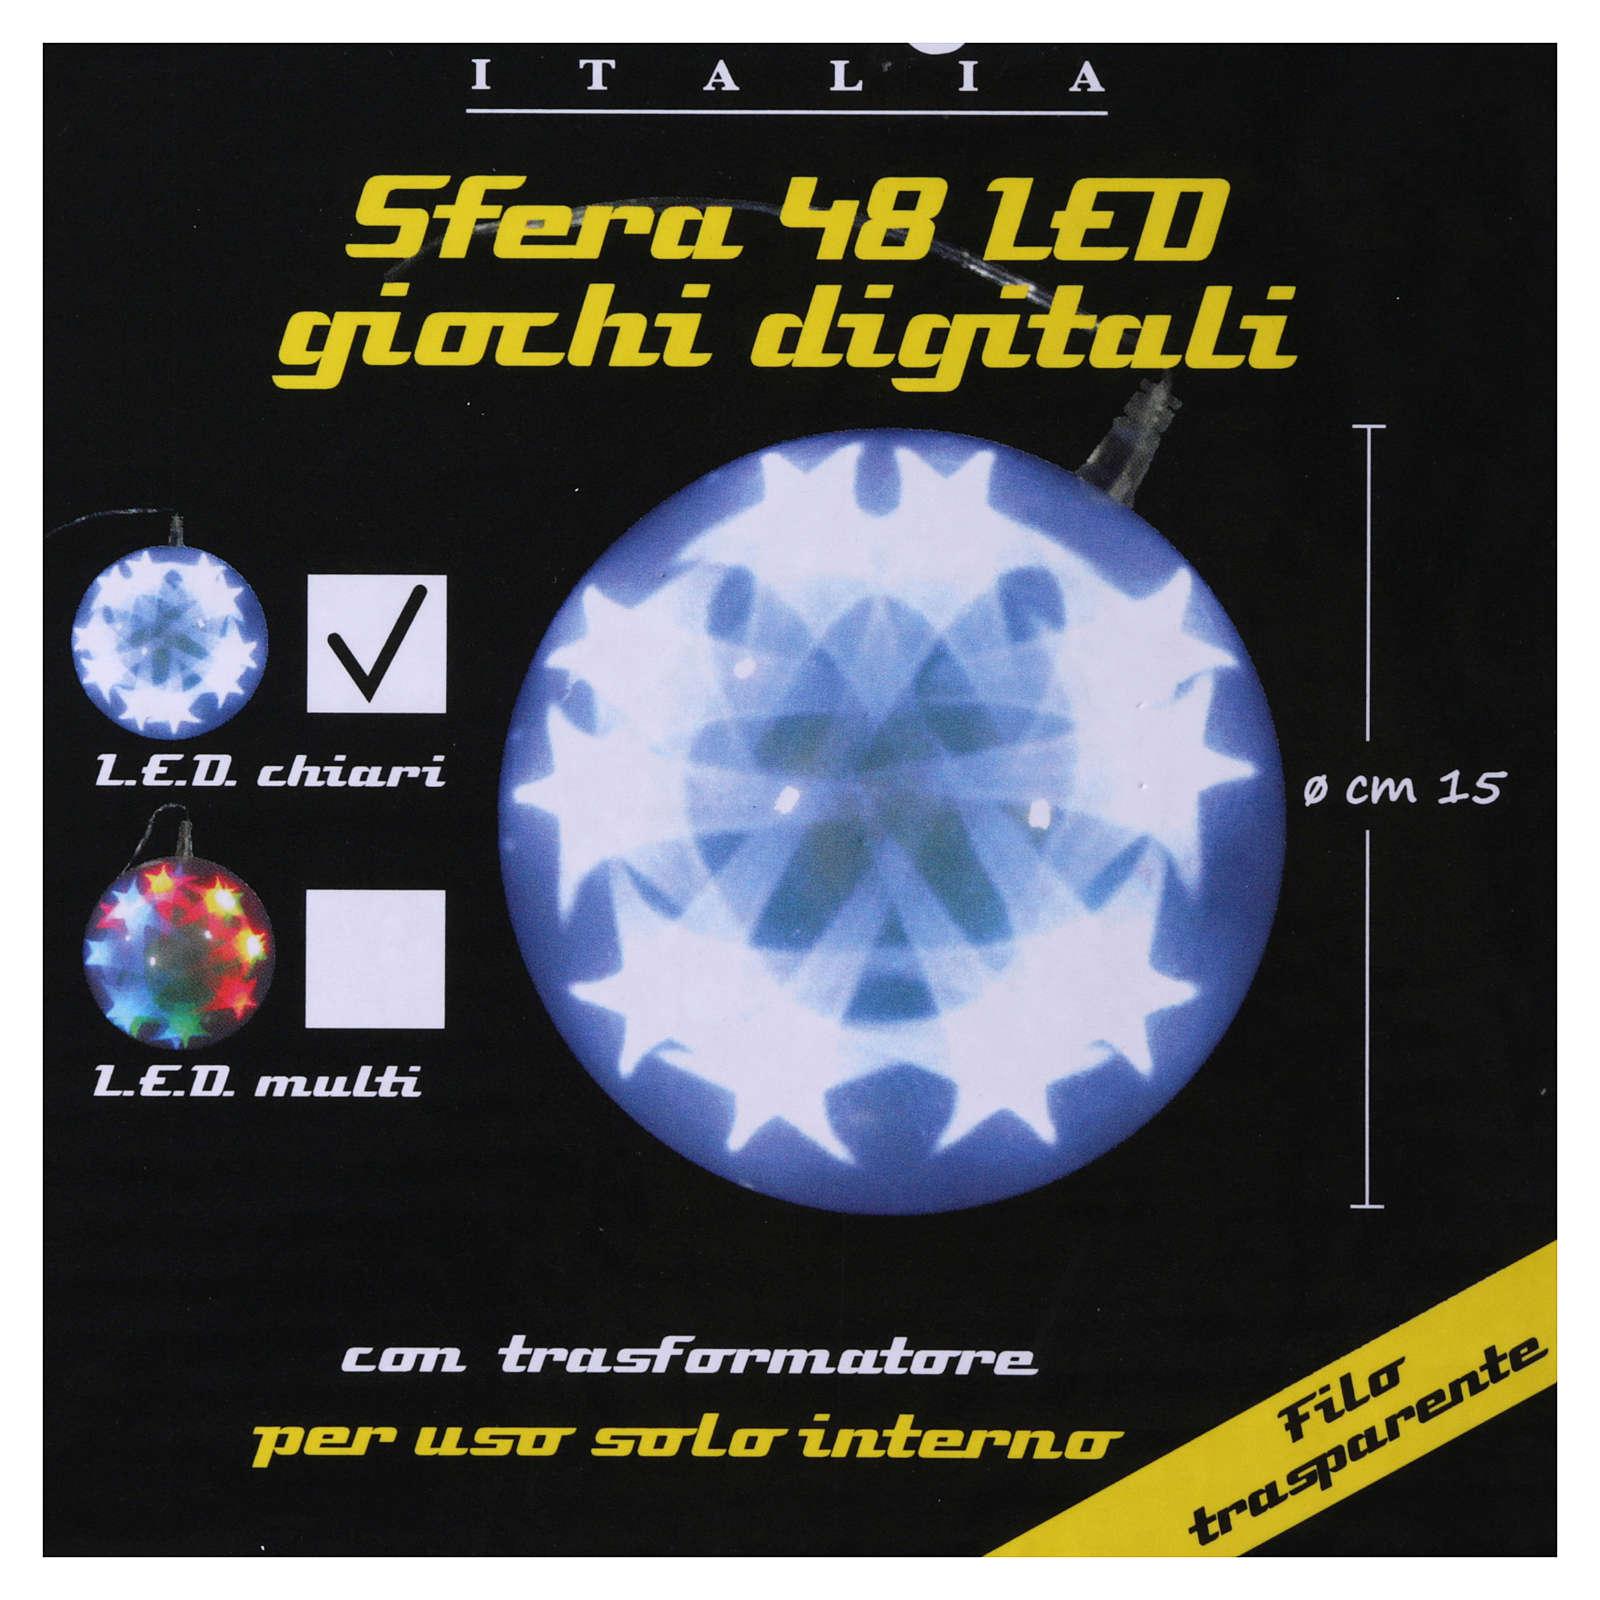 Sfera luminosa giochi luce 48 led diam. 15 cm ghiaccio 3